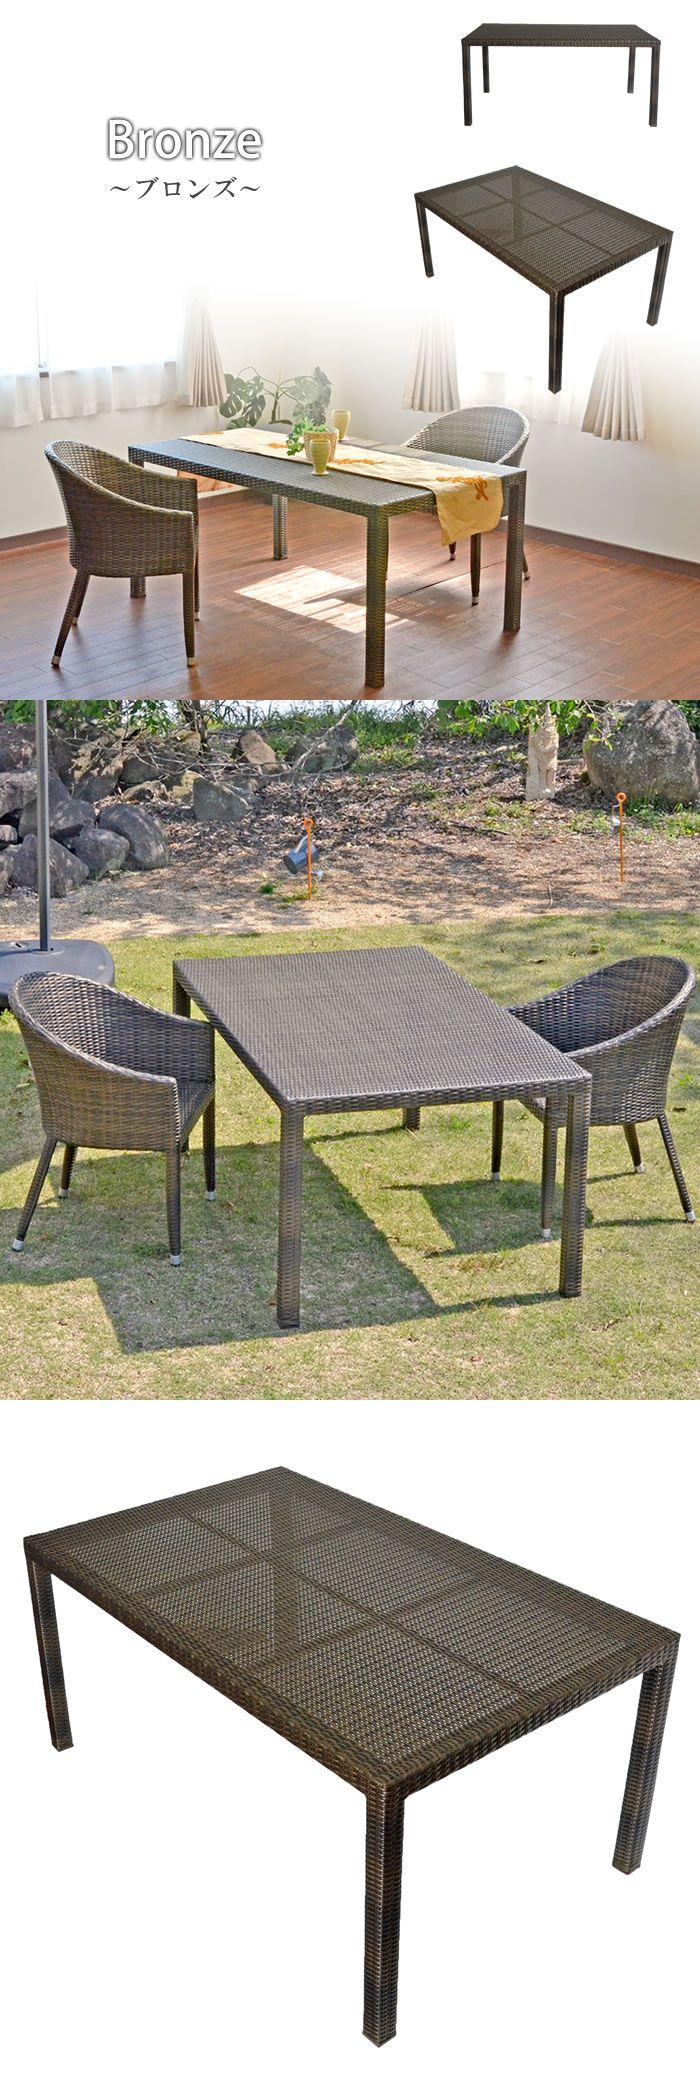 人工ラタン家具,アジアン家具,シンセティックラタン テーブル,ガーデンテーブル,リゾート家具